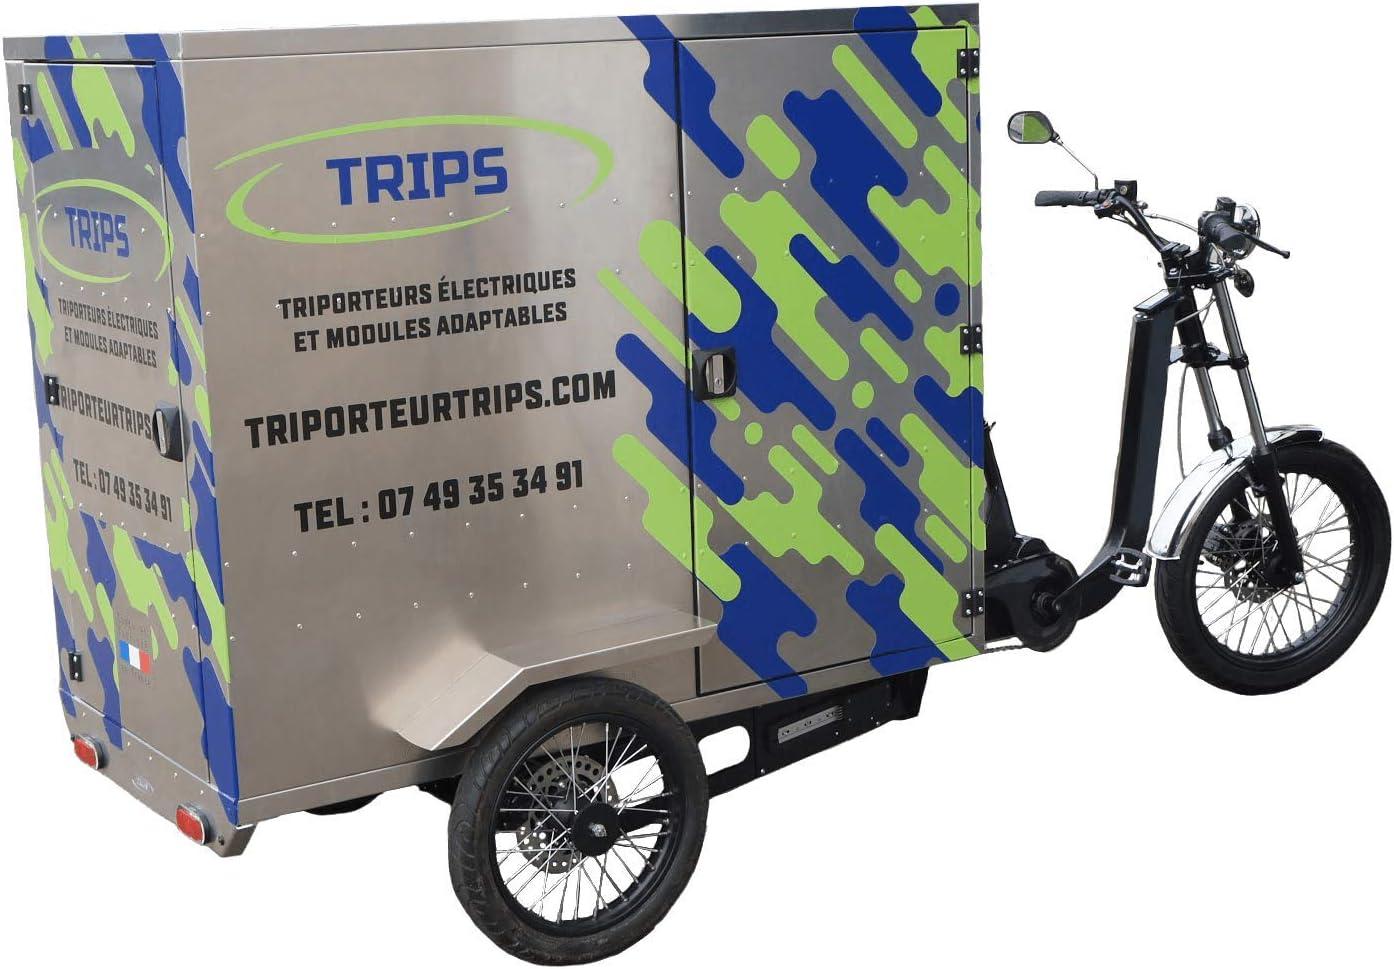 TRIPS - Triportador eléctrico de 250 kg de carga. Módulos: Street Food Truck Cociine-Trans Palets – Pickup – Cargo envío – Taxi